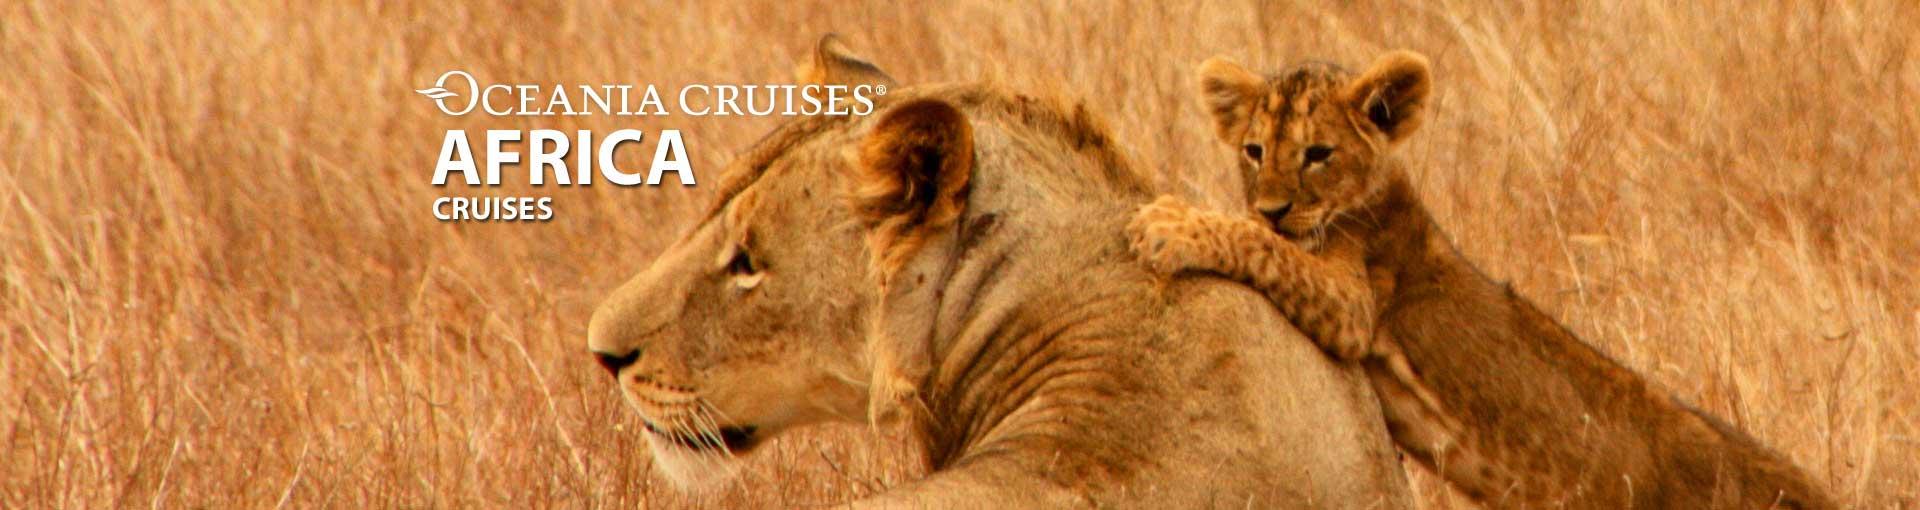 Oceania Cruises Africa cruises